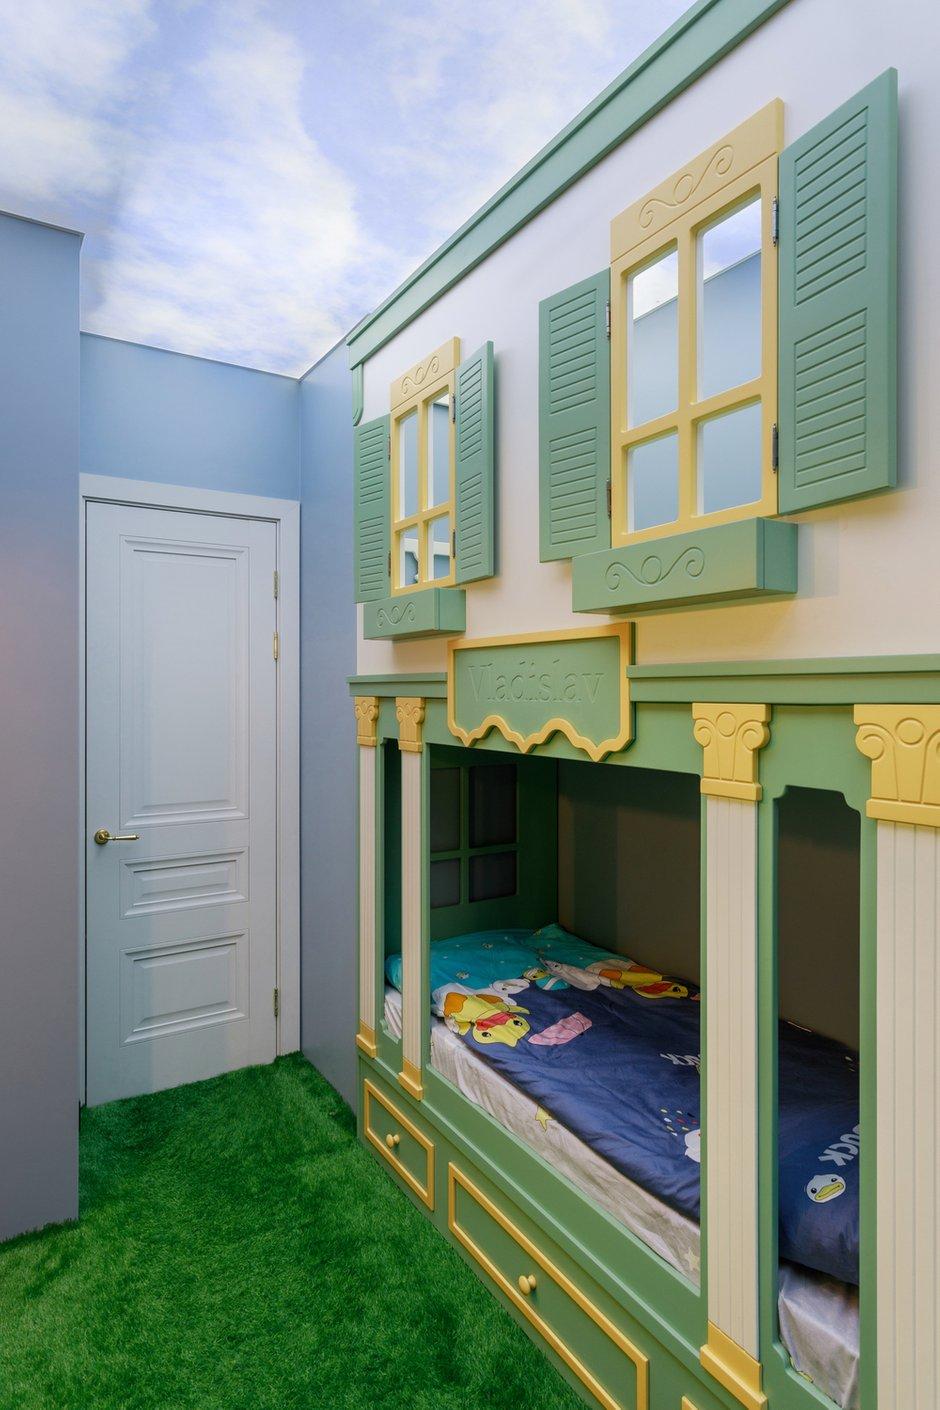 Фотография: Детская в стиле Современный, Квартира, Проект недели, Samsung, 3 комнаты, 40-60 метров, интерьерный телевизор, the serif, Оксана Нечаева – фото на INMYROOM